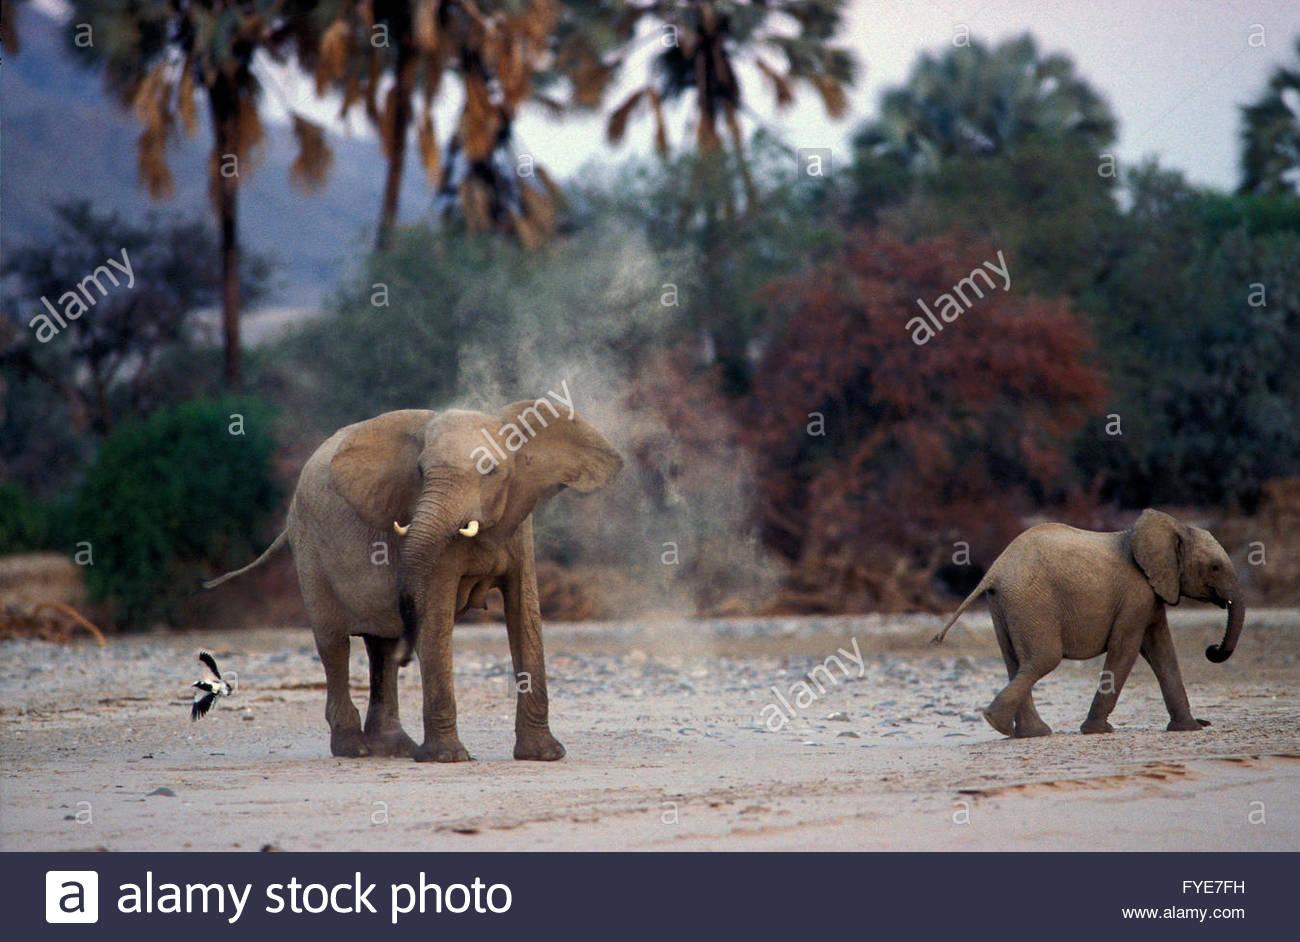 Elephants of desert on Skeleton coast Namibia. - Stock Image